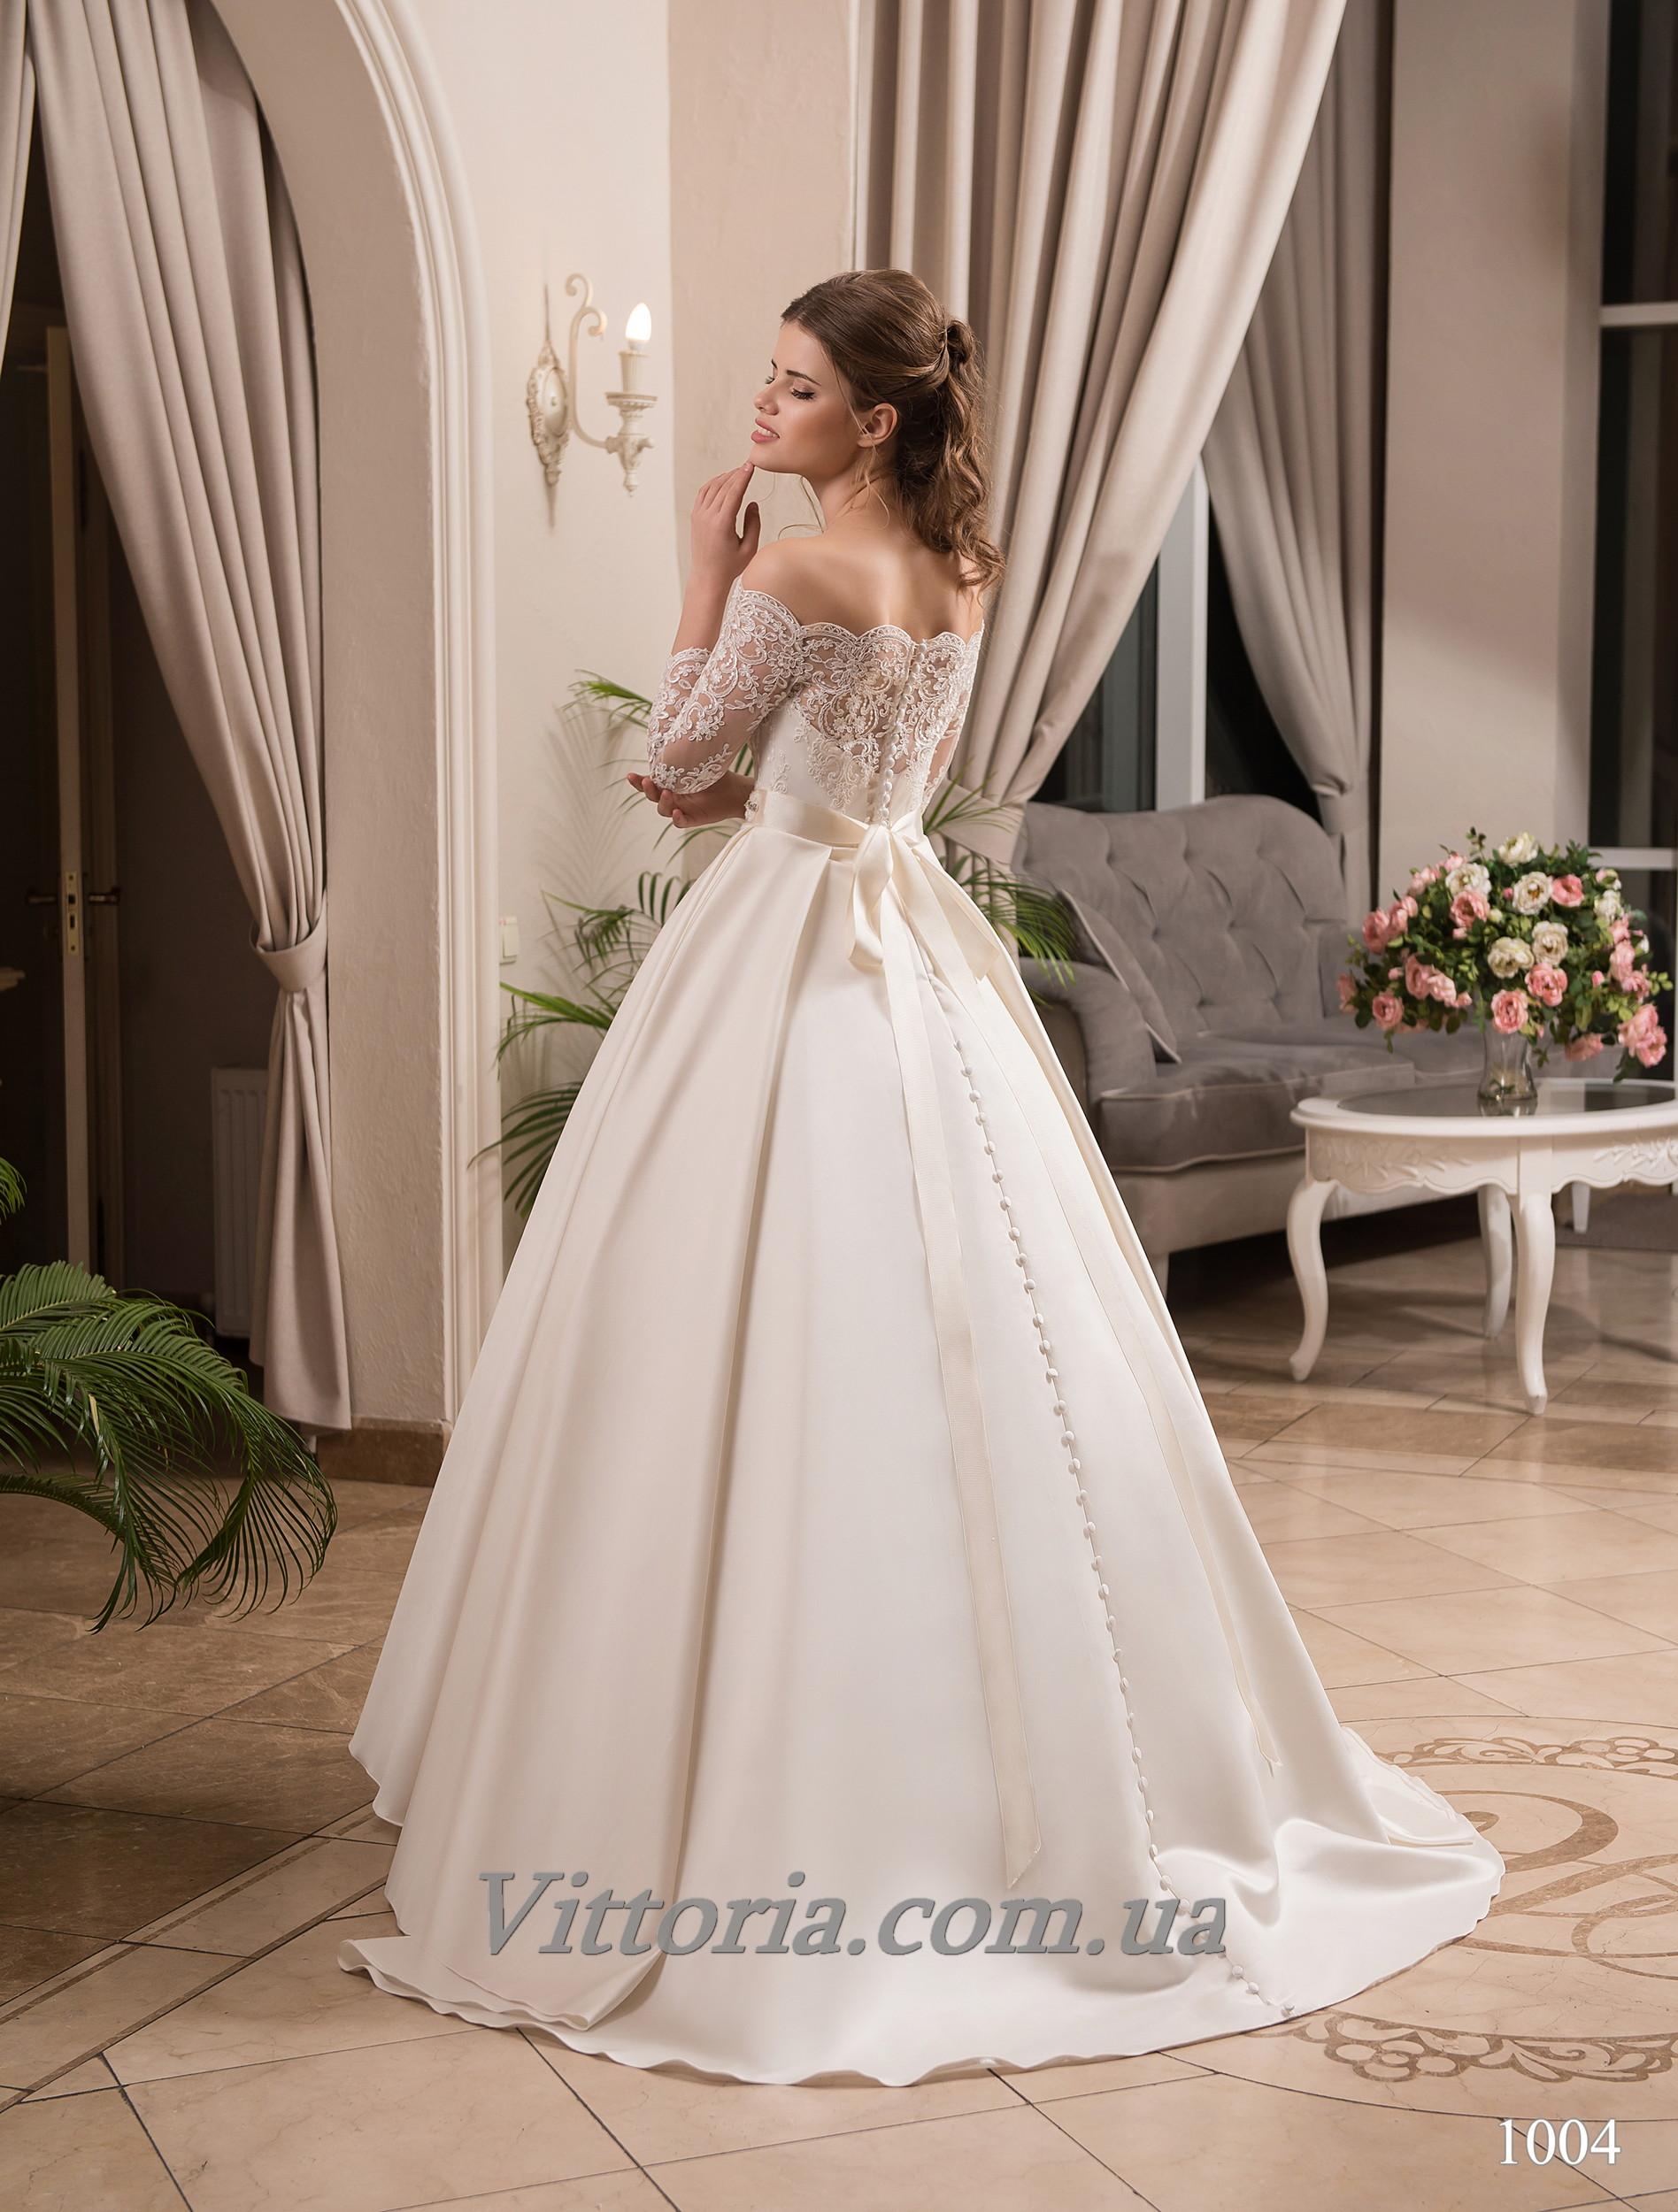 Свадебное платье Модель 17-1004